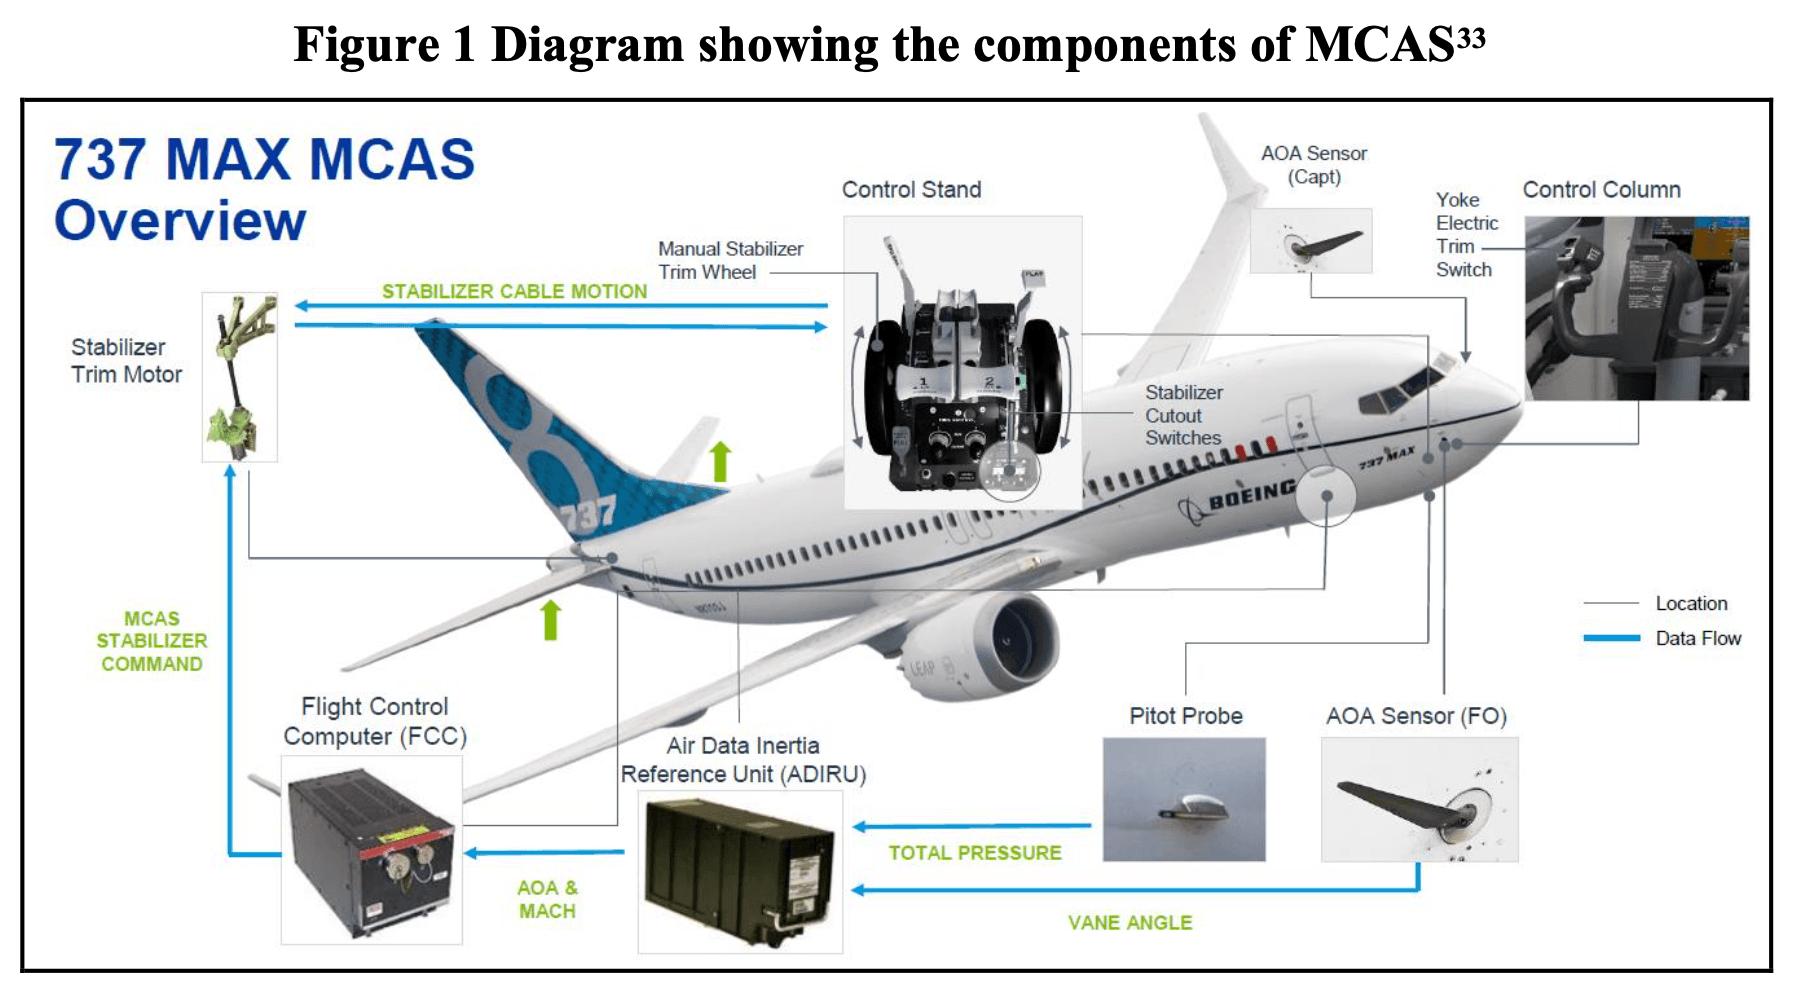 737 Max MCAS (ตอน Stabilizer)